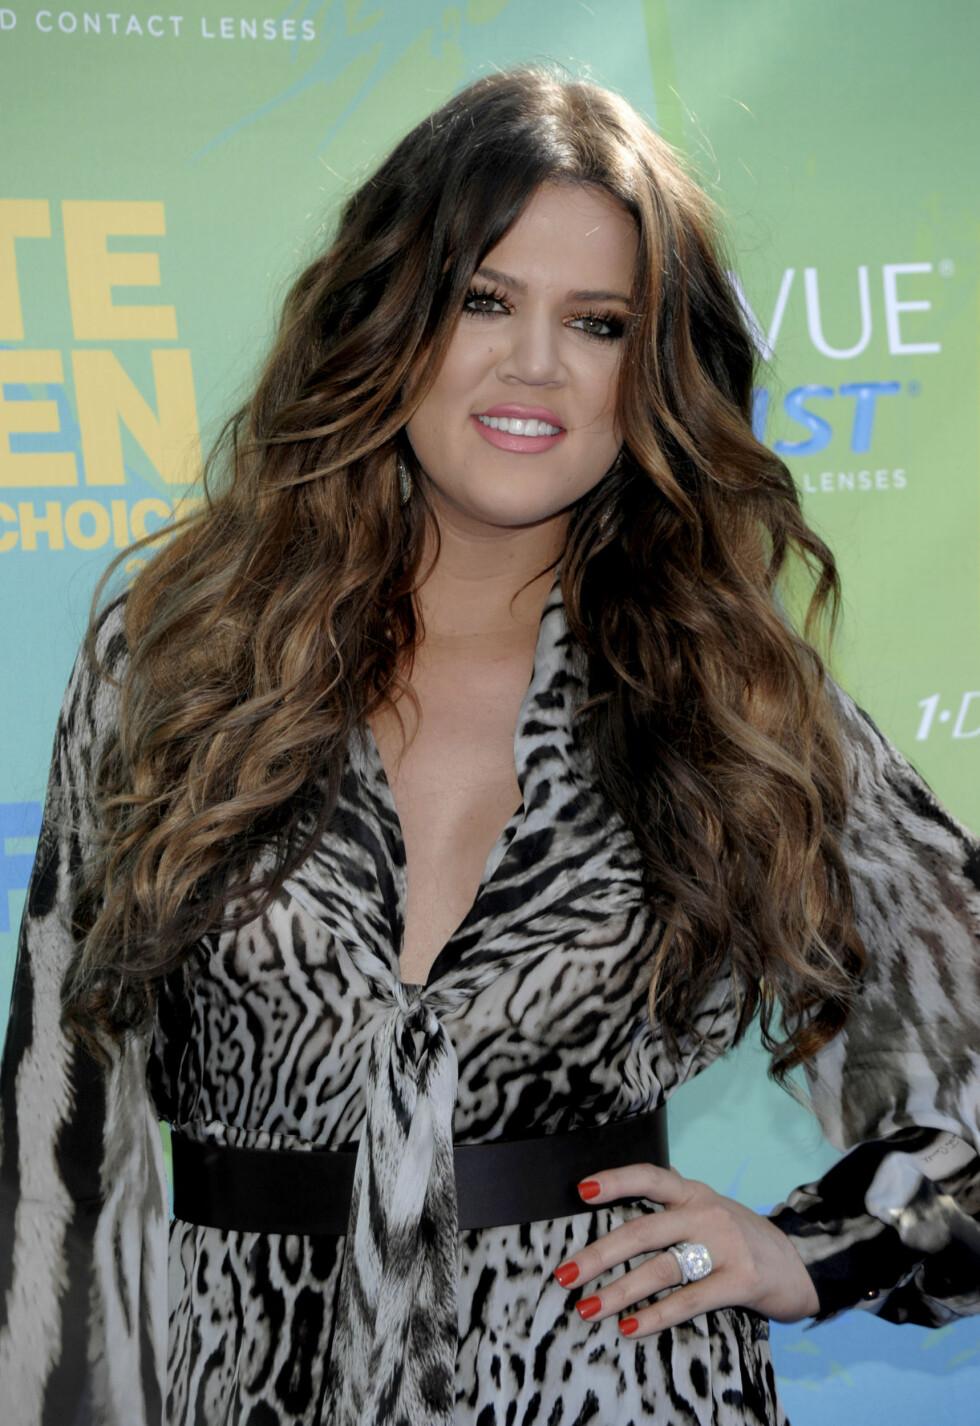 2011: Khloé Kardashian Foto: Ap